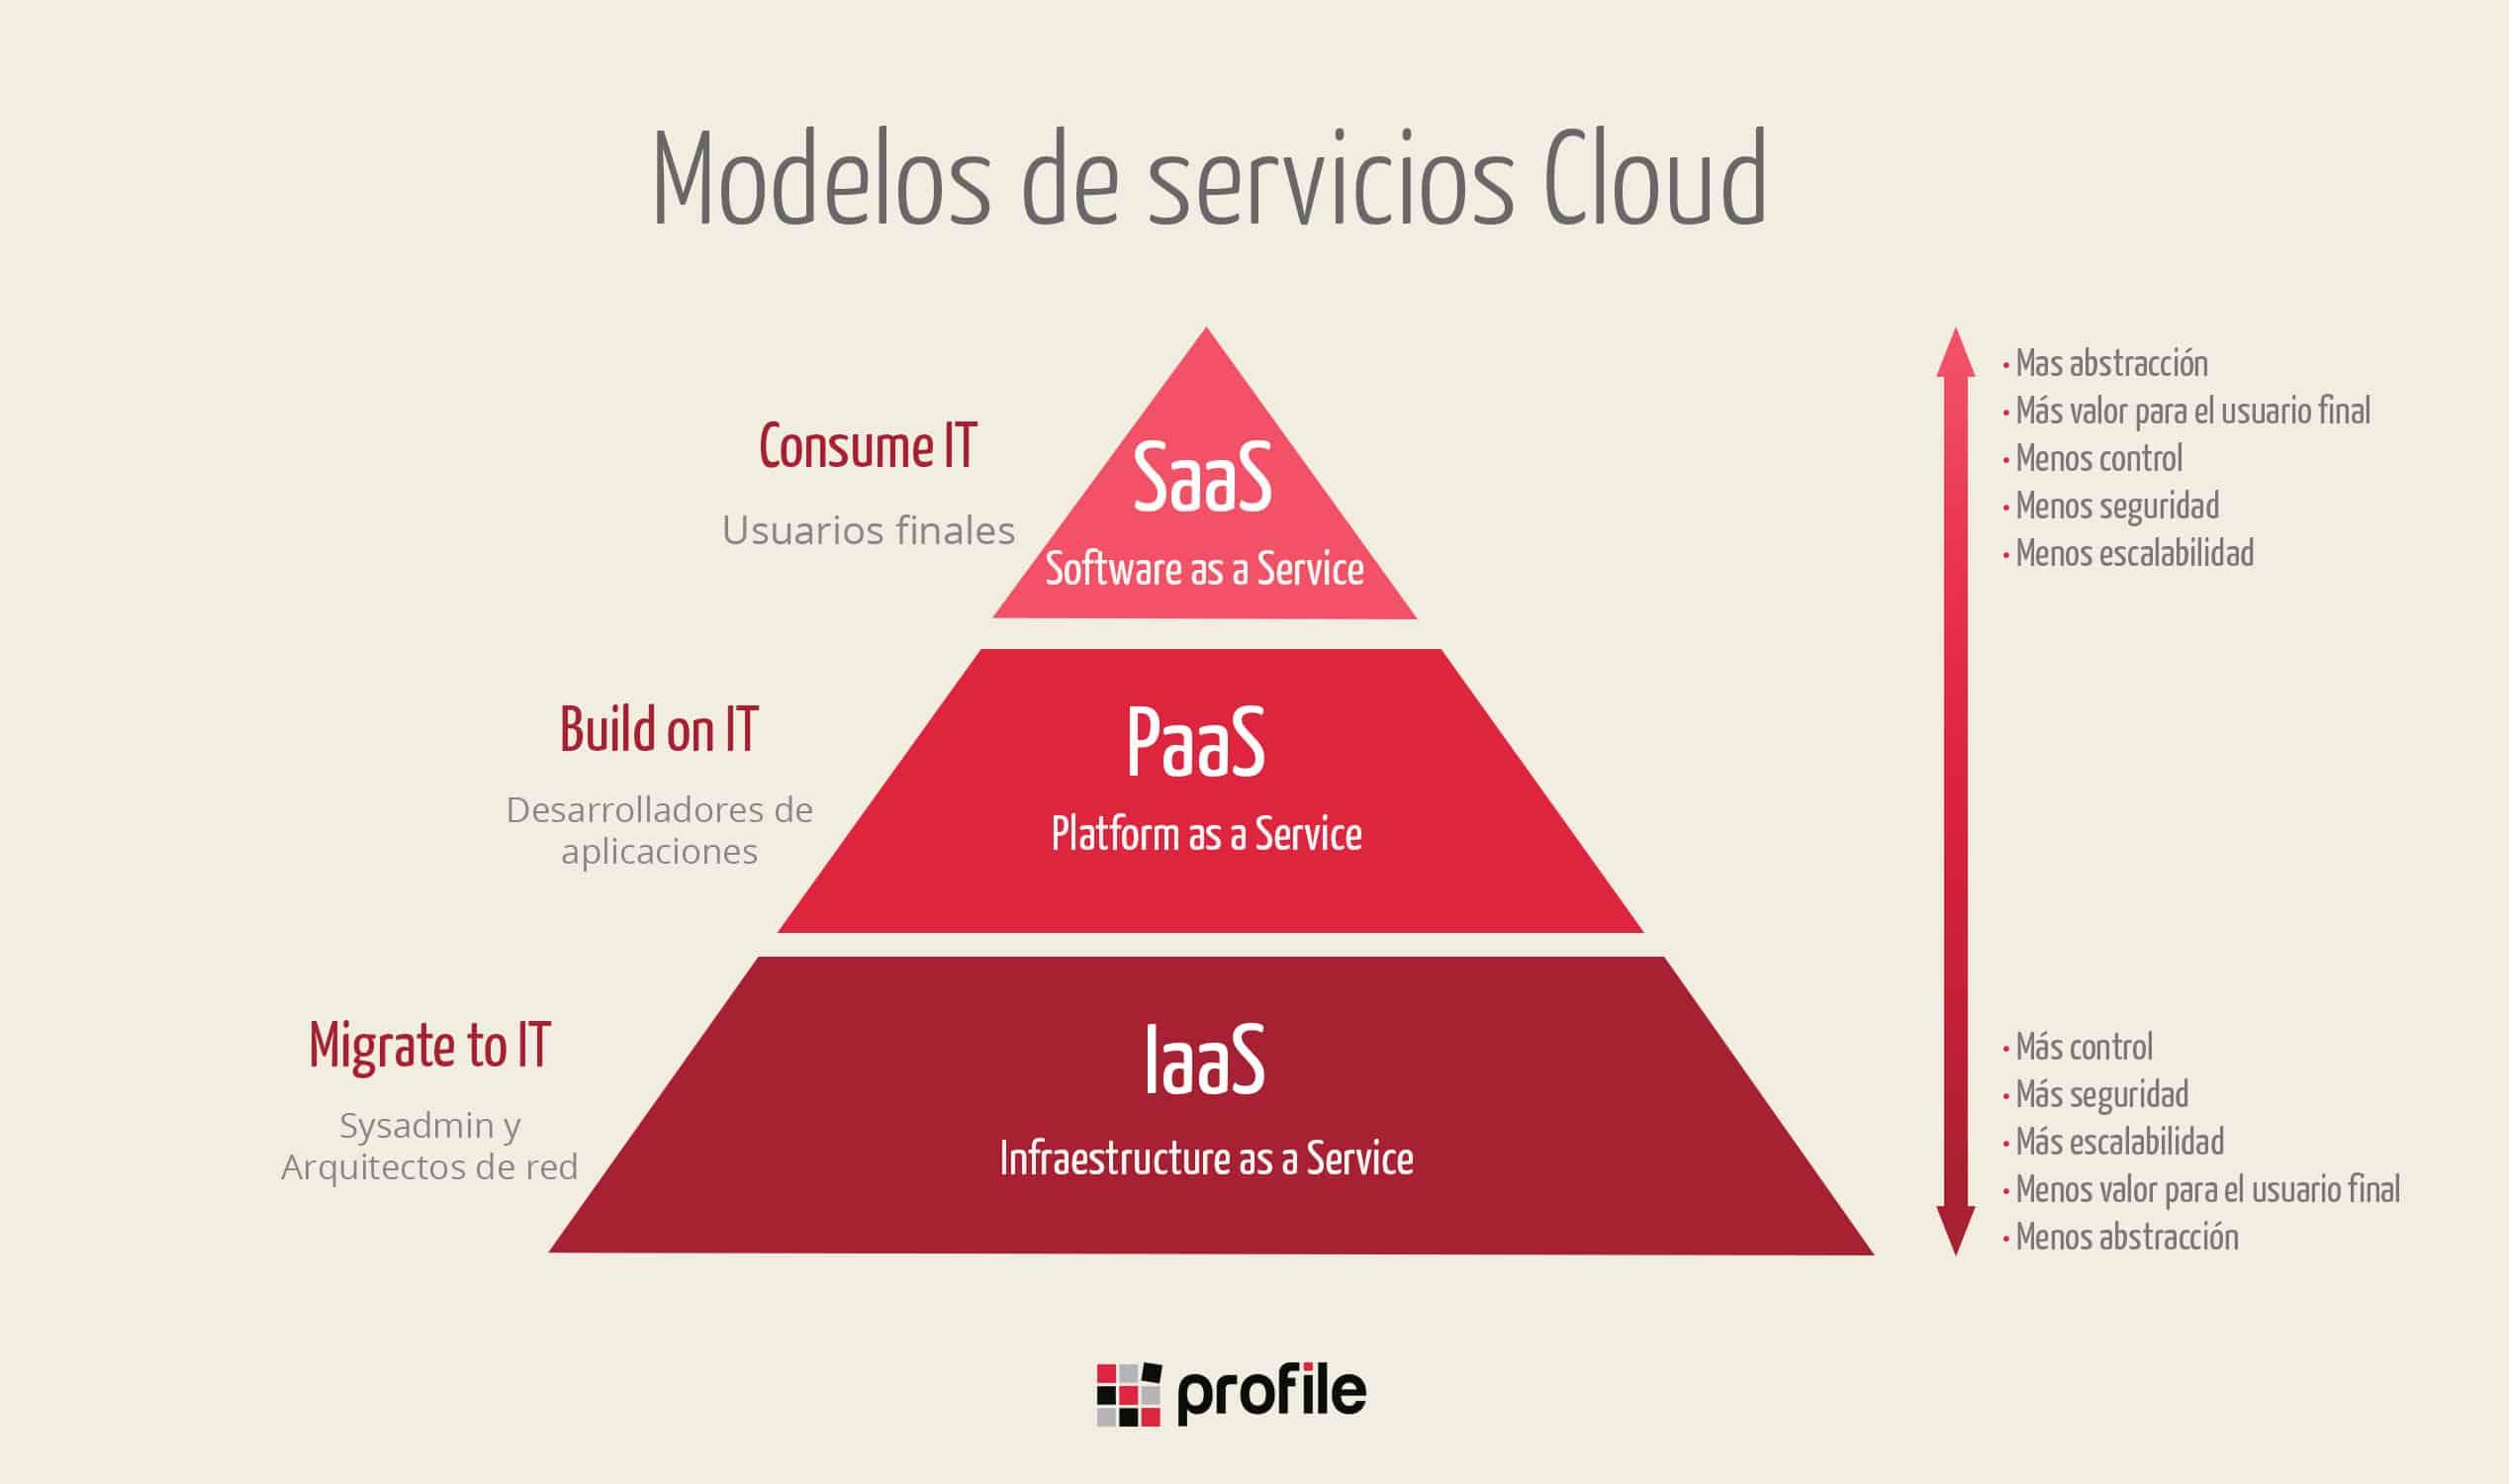 Pirámide de servicios Cloud: IaaS, PaaS y SaaS